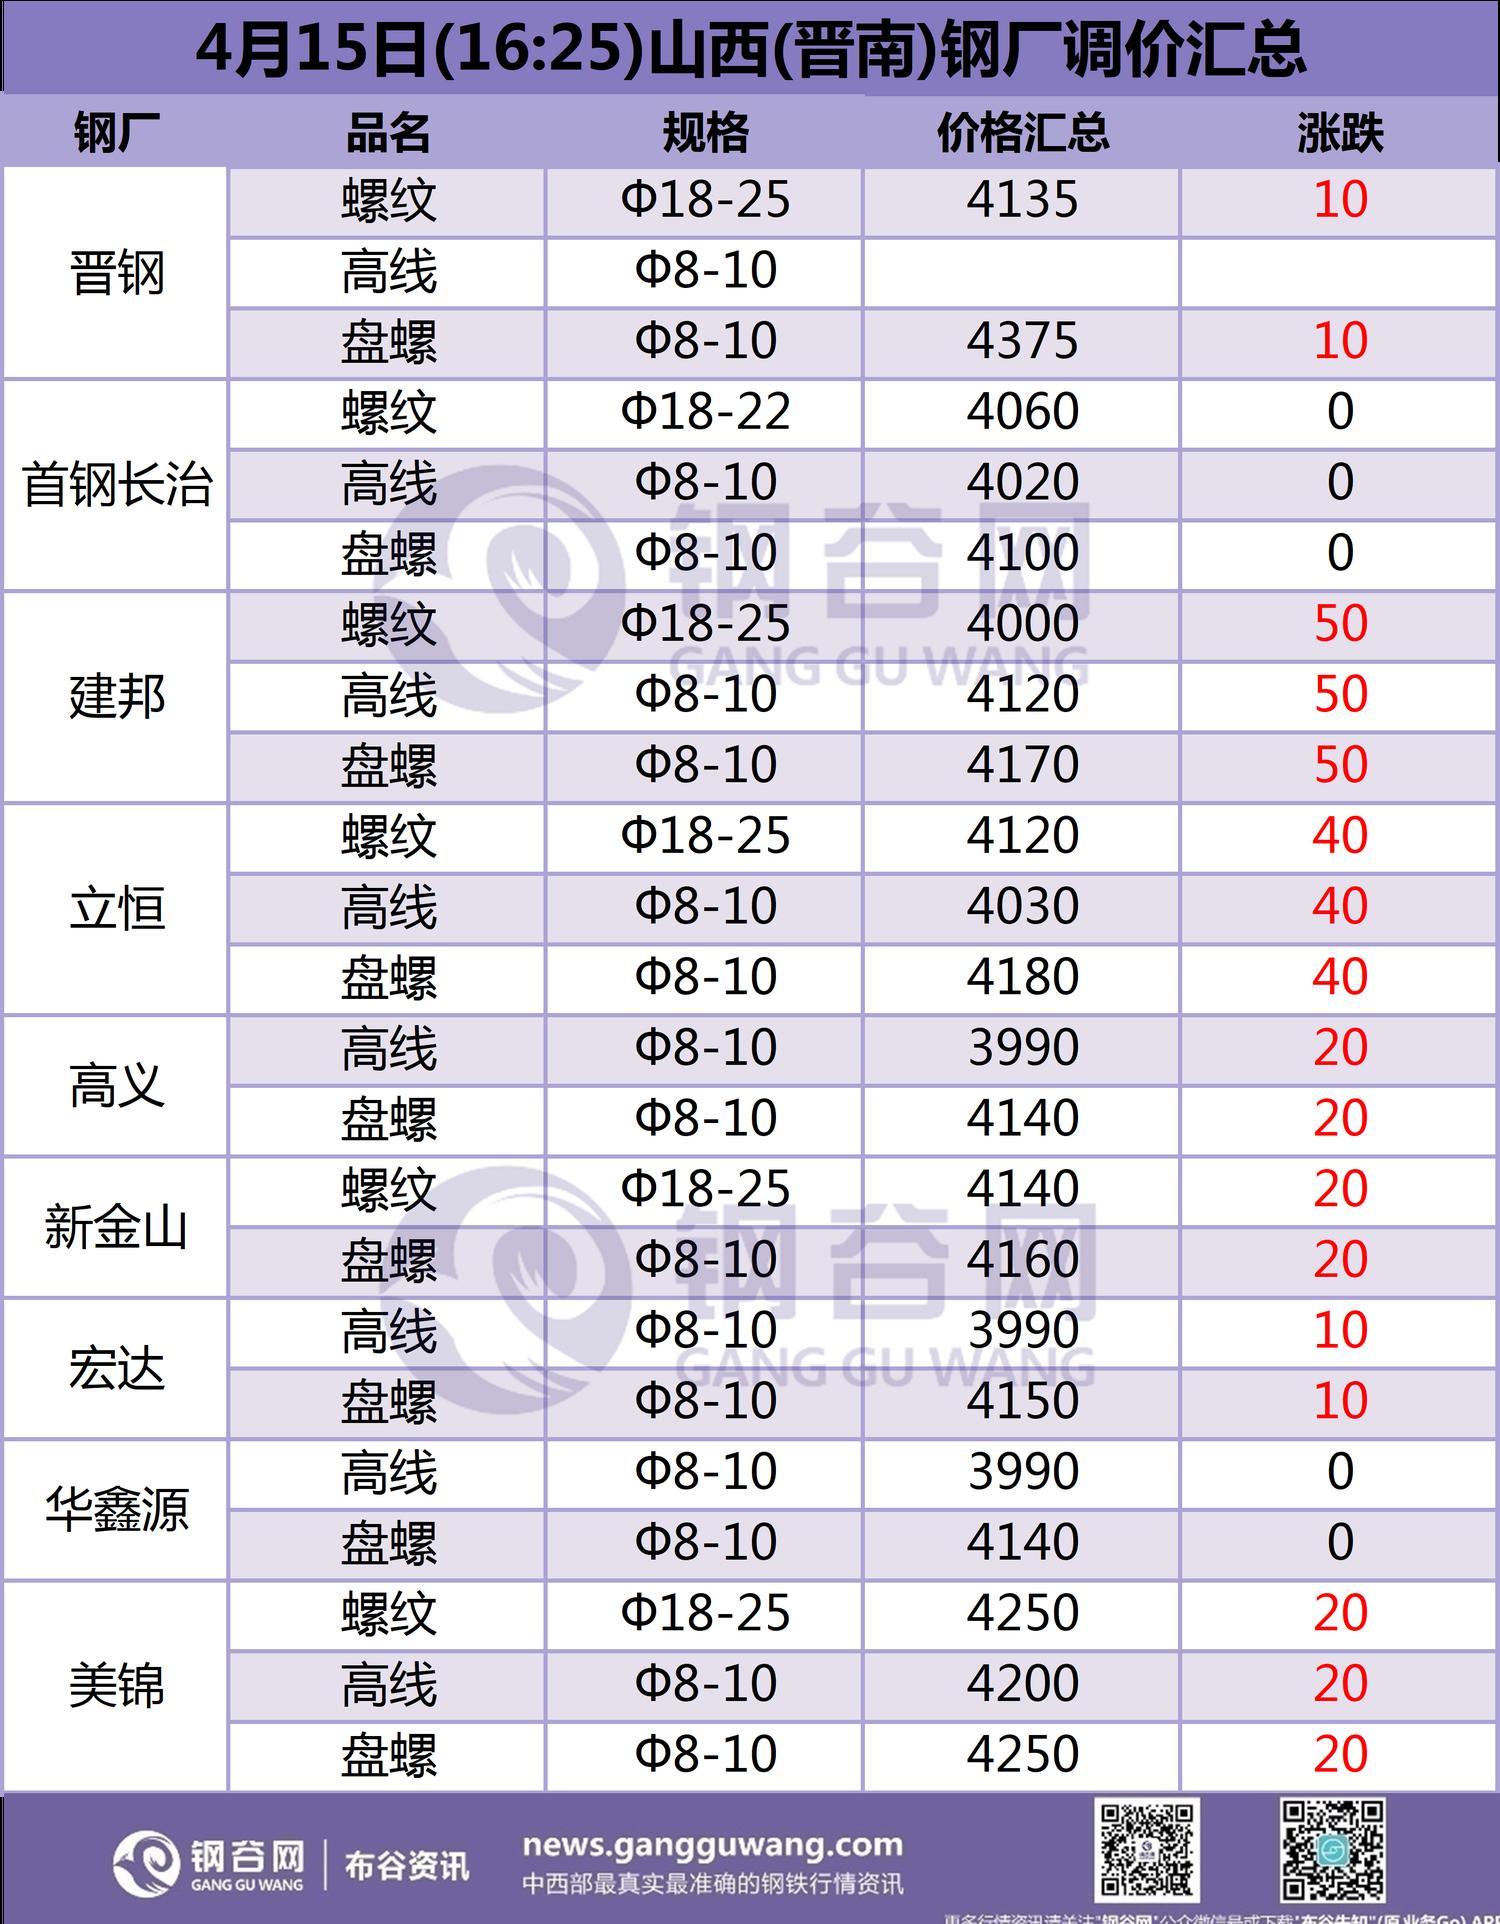 晋南<a target='_blank' style='color:#2d64b3' href=